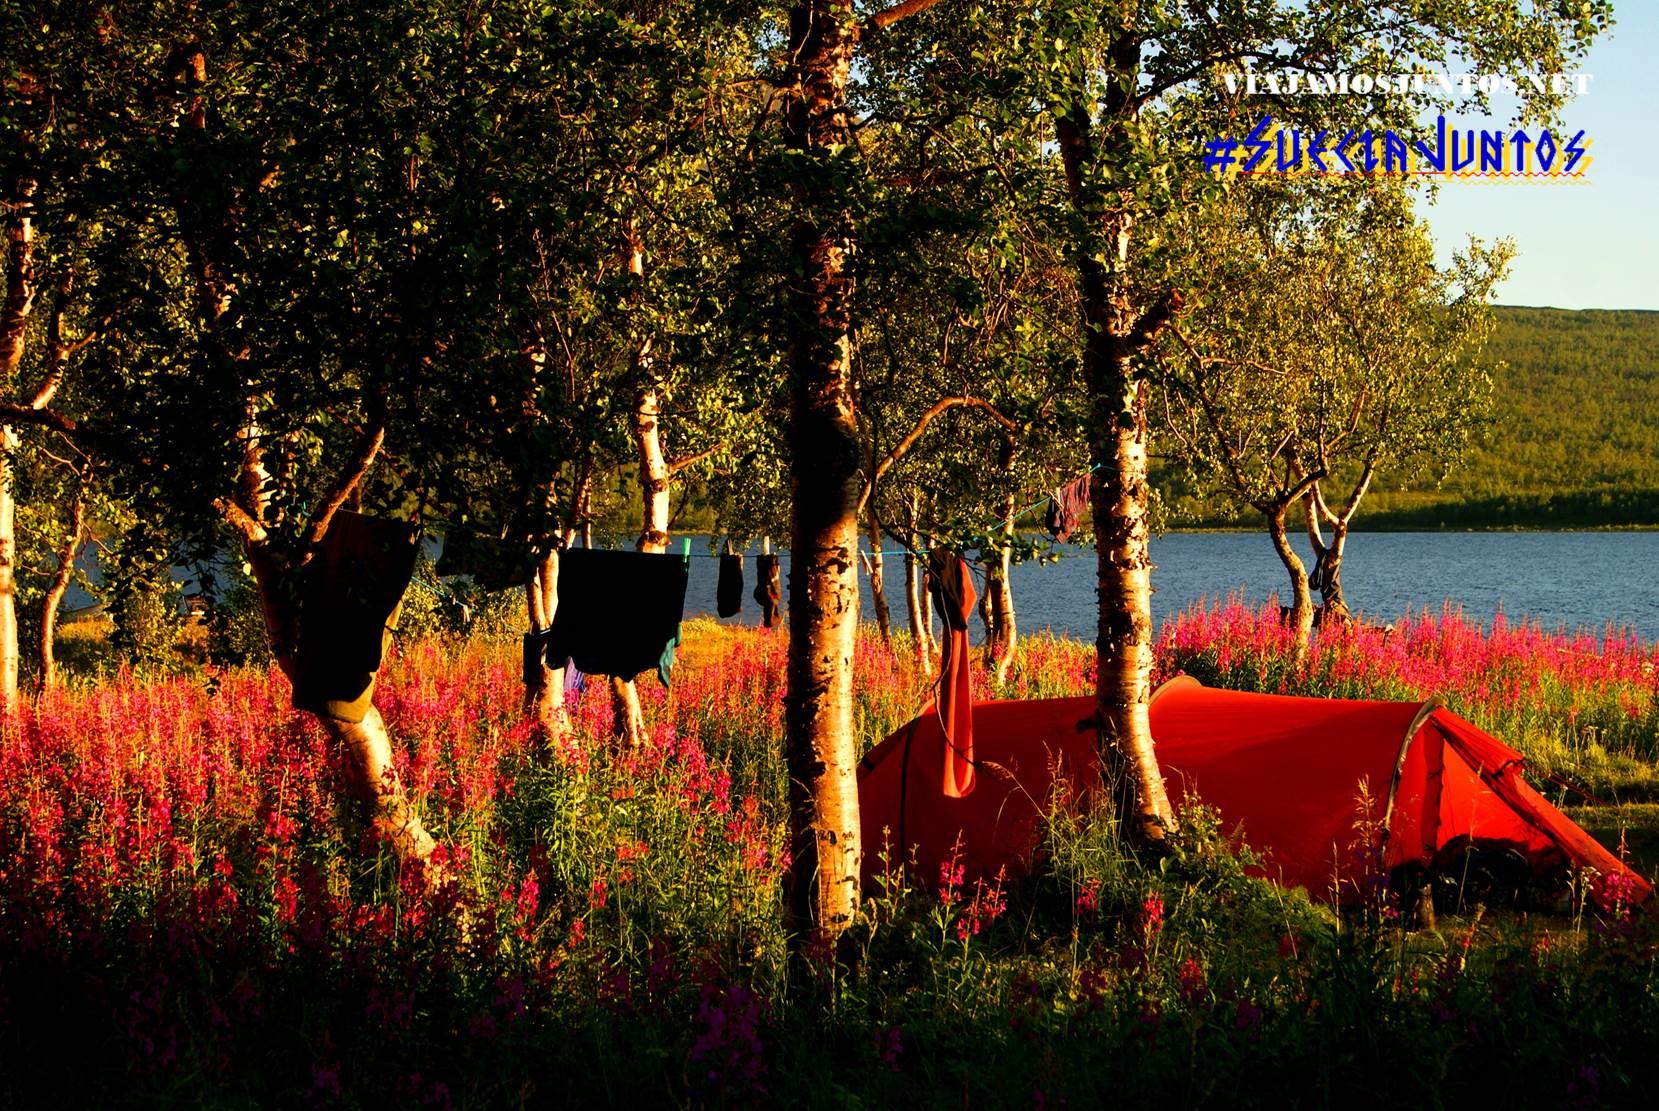 Kungsleden, Suecia, lagos, naturaleza, viajar por libre, vistas, paisajes, Laponia Sueca, inspiración, información práctica, tips, consejos, viajar por libre